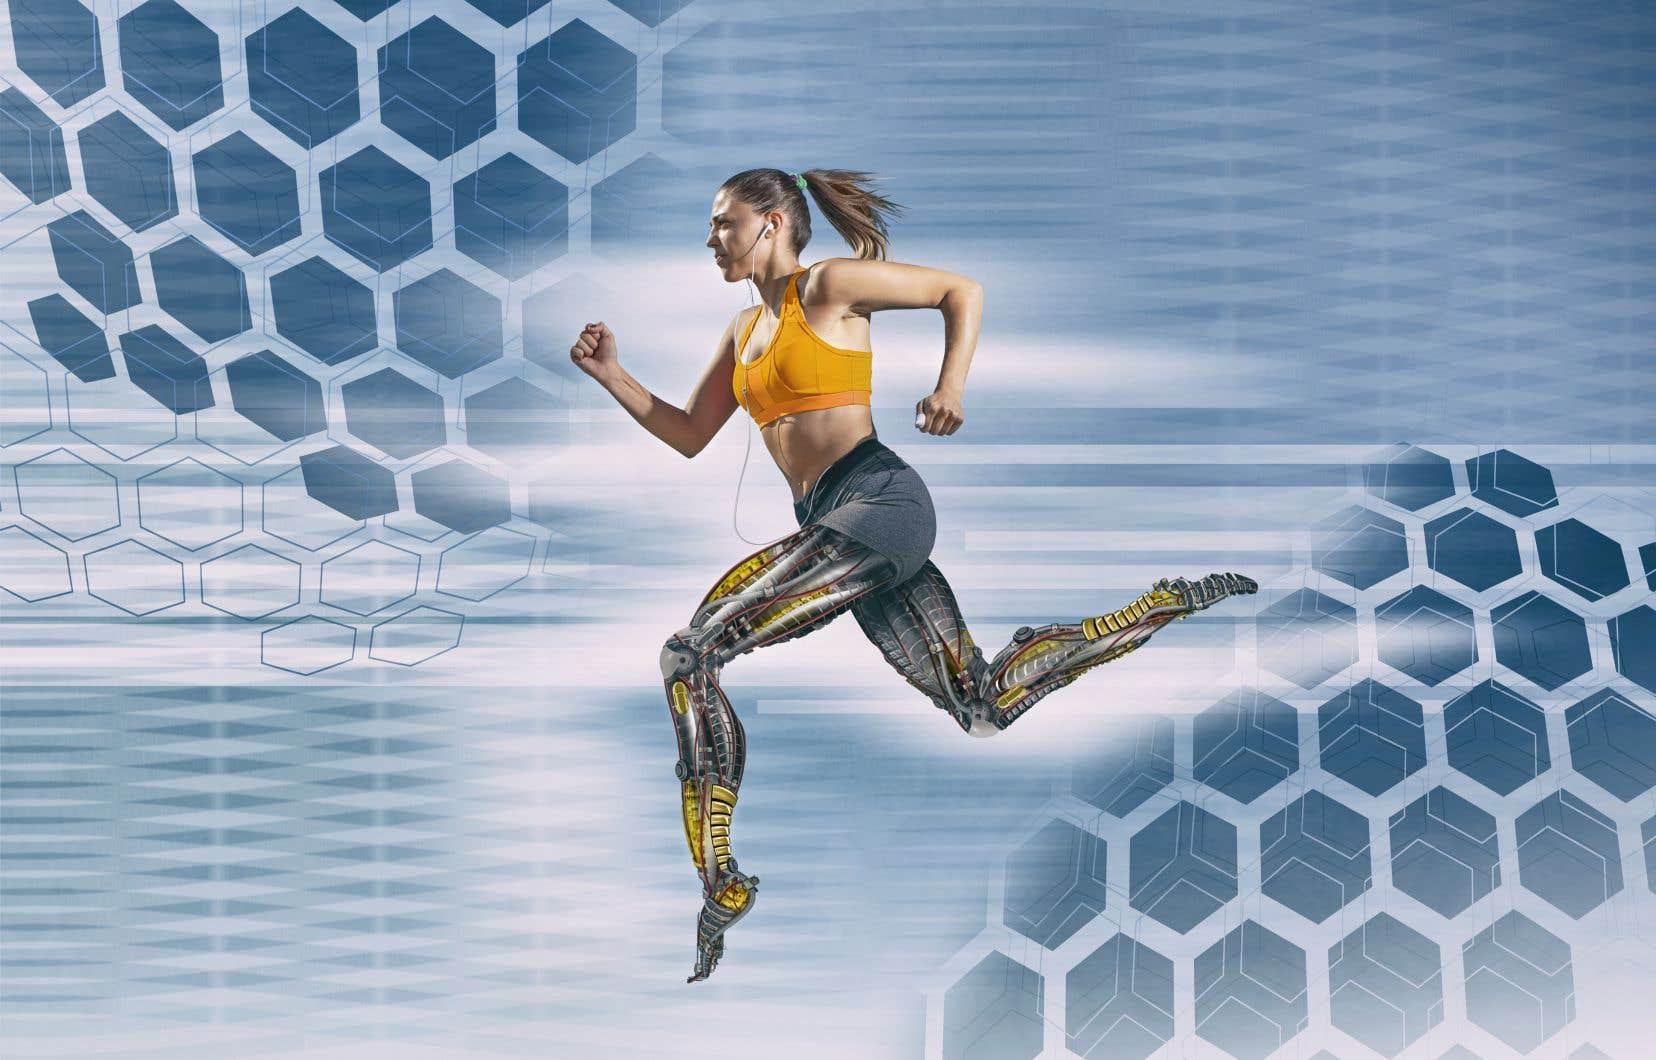 Avancée possible grâce à l'intégration de l'intelligence artificielle des produits: décortiquer précisément le mouvement des athlètes.